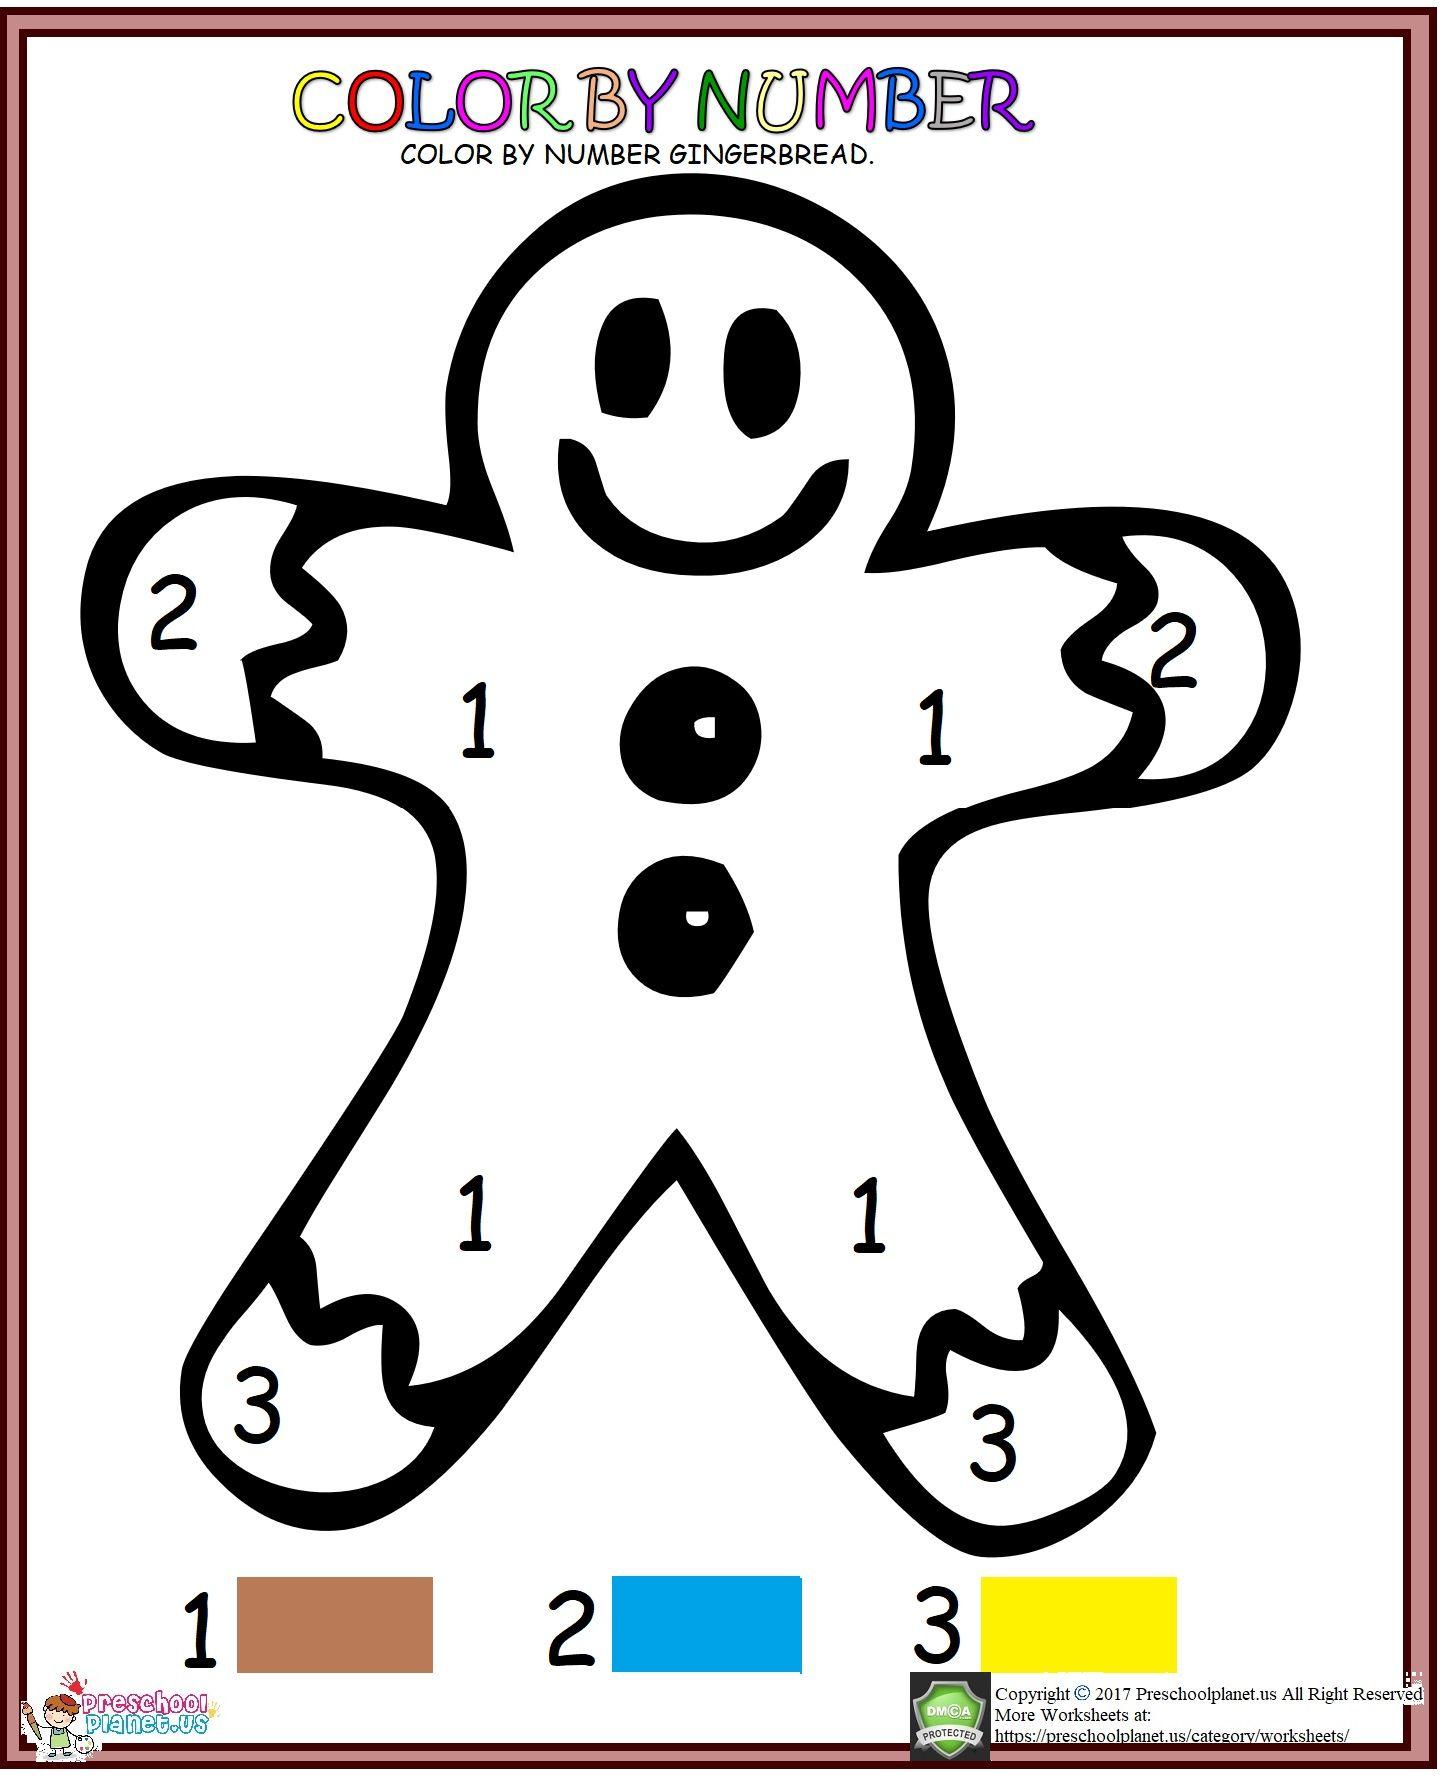 color by number gingerbread | Worksheet for kids | Pinterest ...